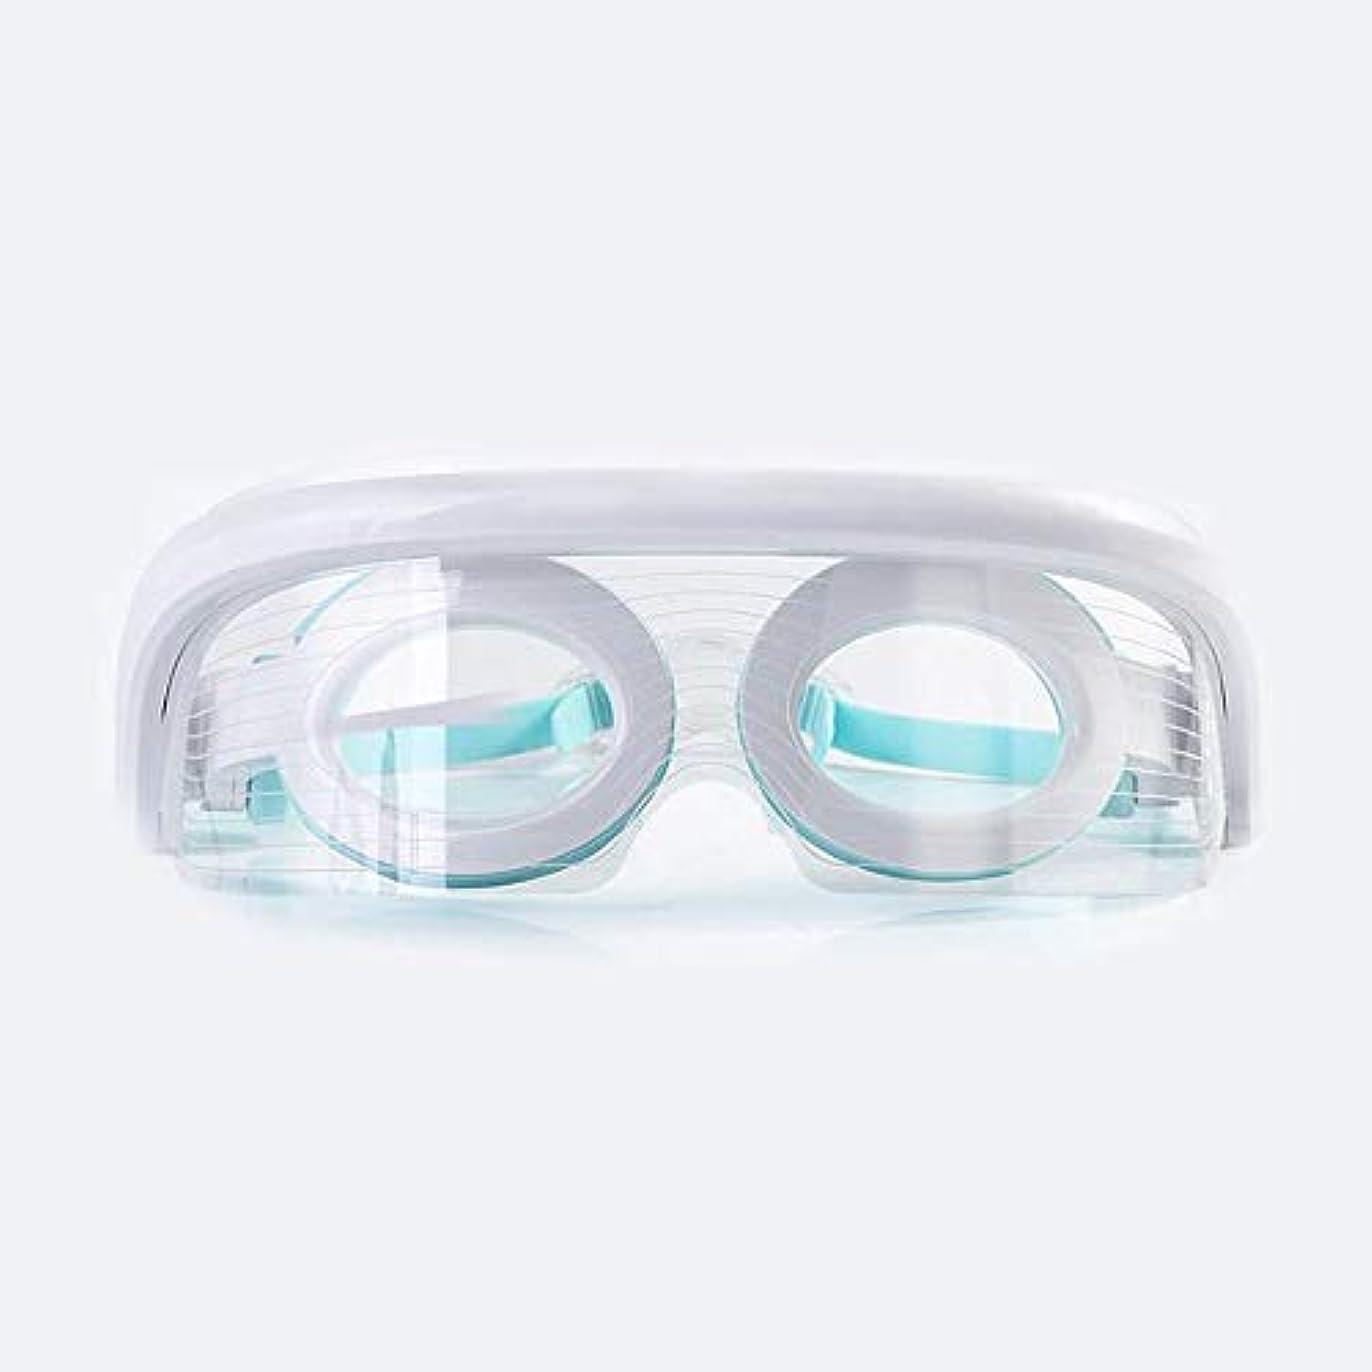 滑り台便利ゲージLed 光子美アイマスクマスクアイプロテクターアイマッサージ7色カラーライトアイマスクアイメーター